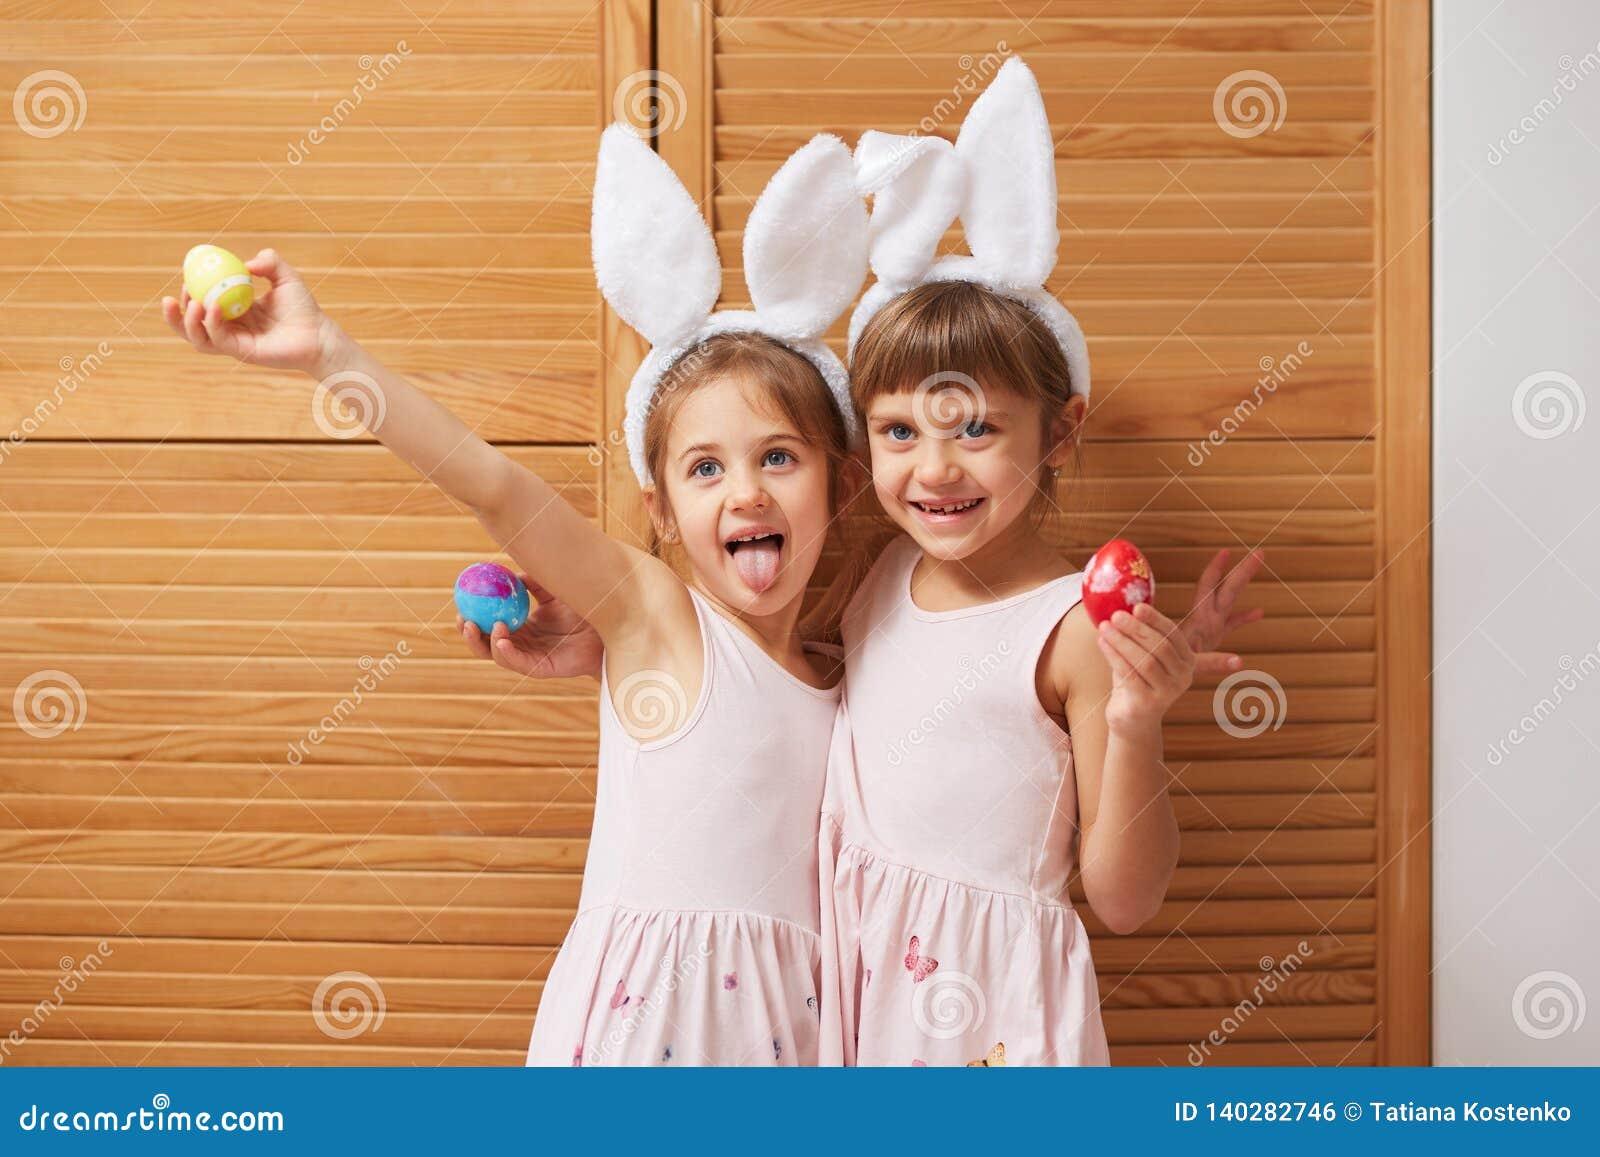 Δύο αστείες γοητευτικές μικρές αδελφές στα φορέματα με τα αυτιά του άσπρου κουνελιού στα κεφάλια τους κρατούν τα βαμμένα αυγά στα